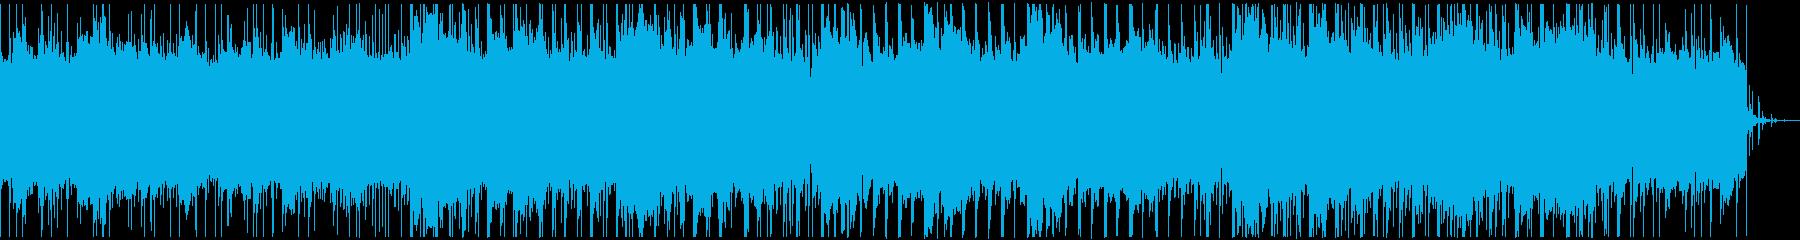 エレクトロニック 技術的な 希望的...の再生済みの波形